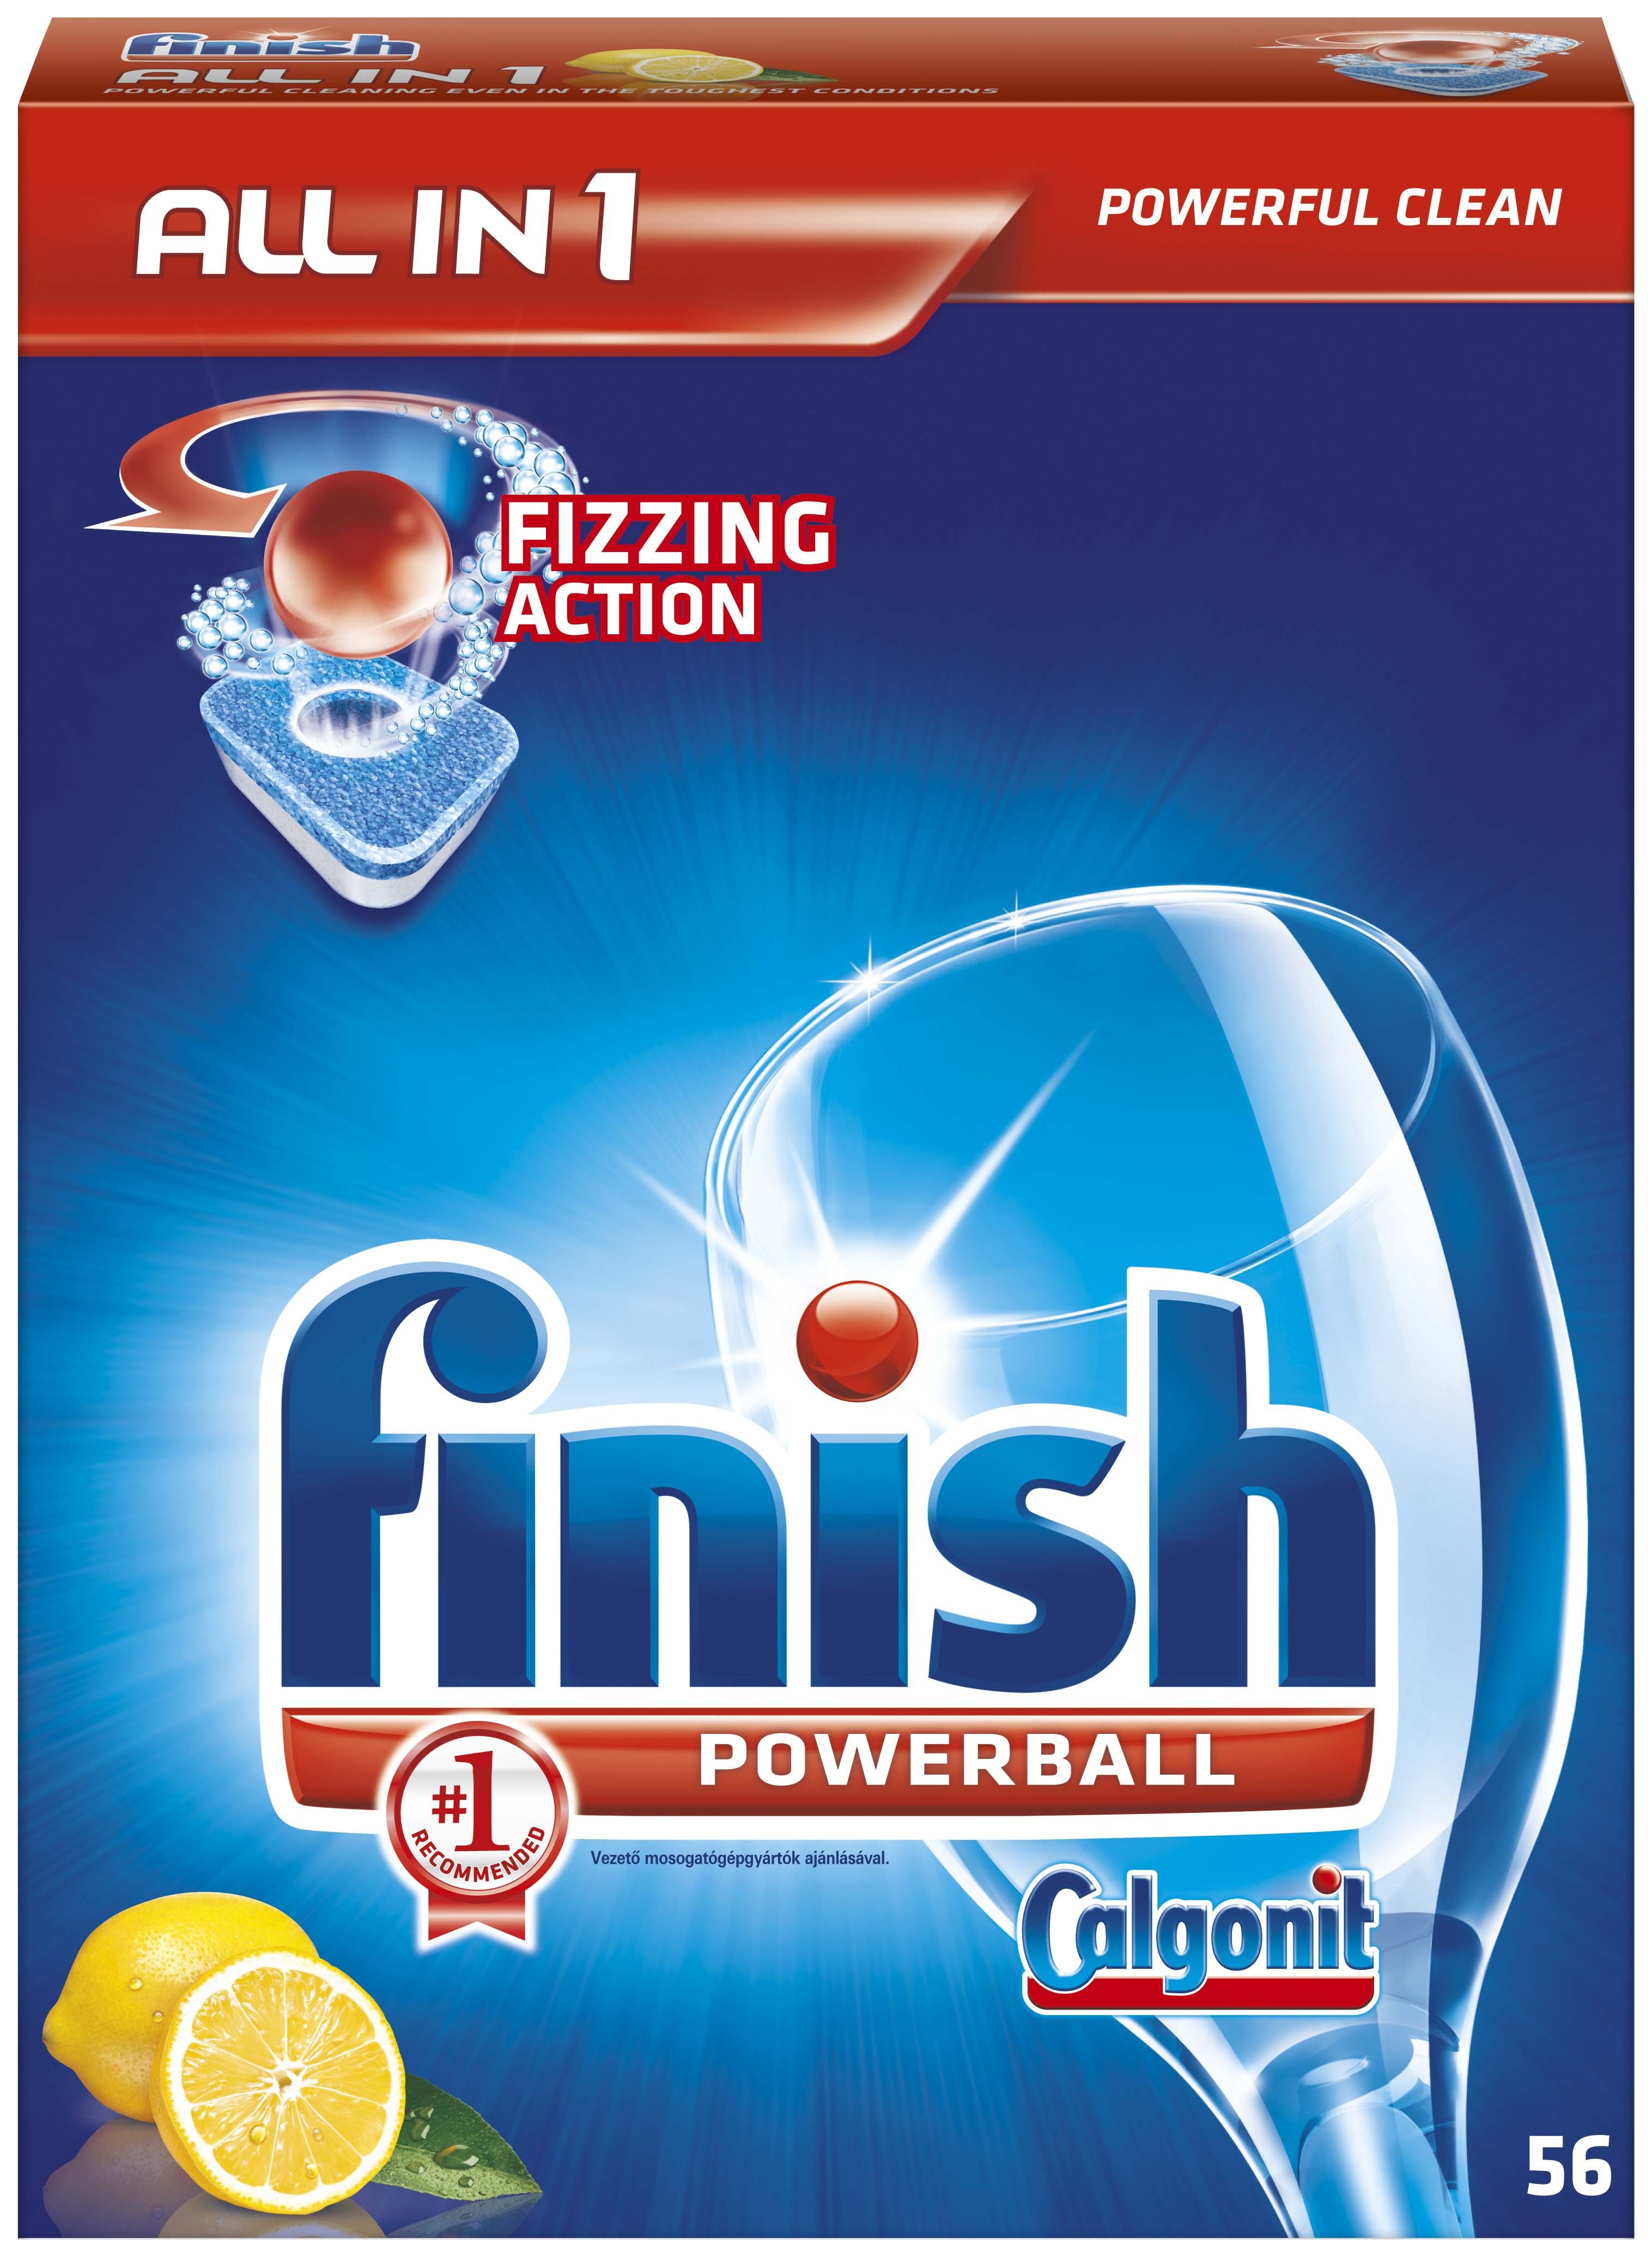 Calgonit – prostředky do myčky - tablety all in 1 / 56 ks / citron